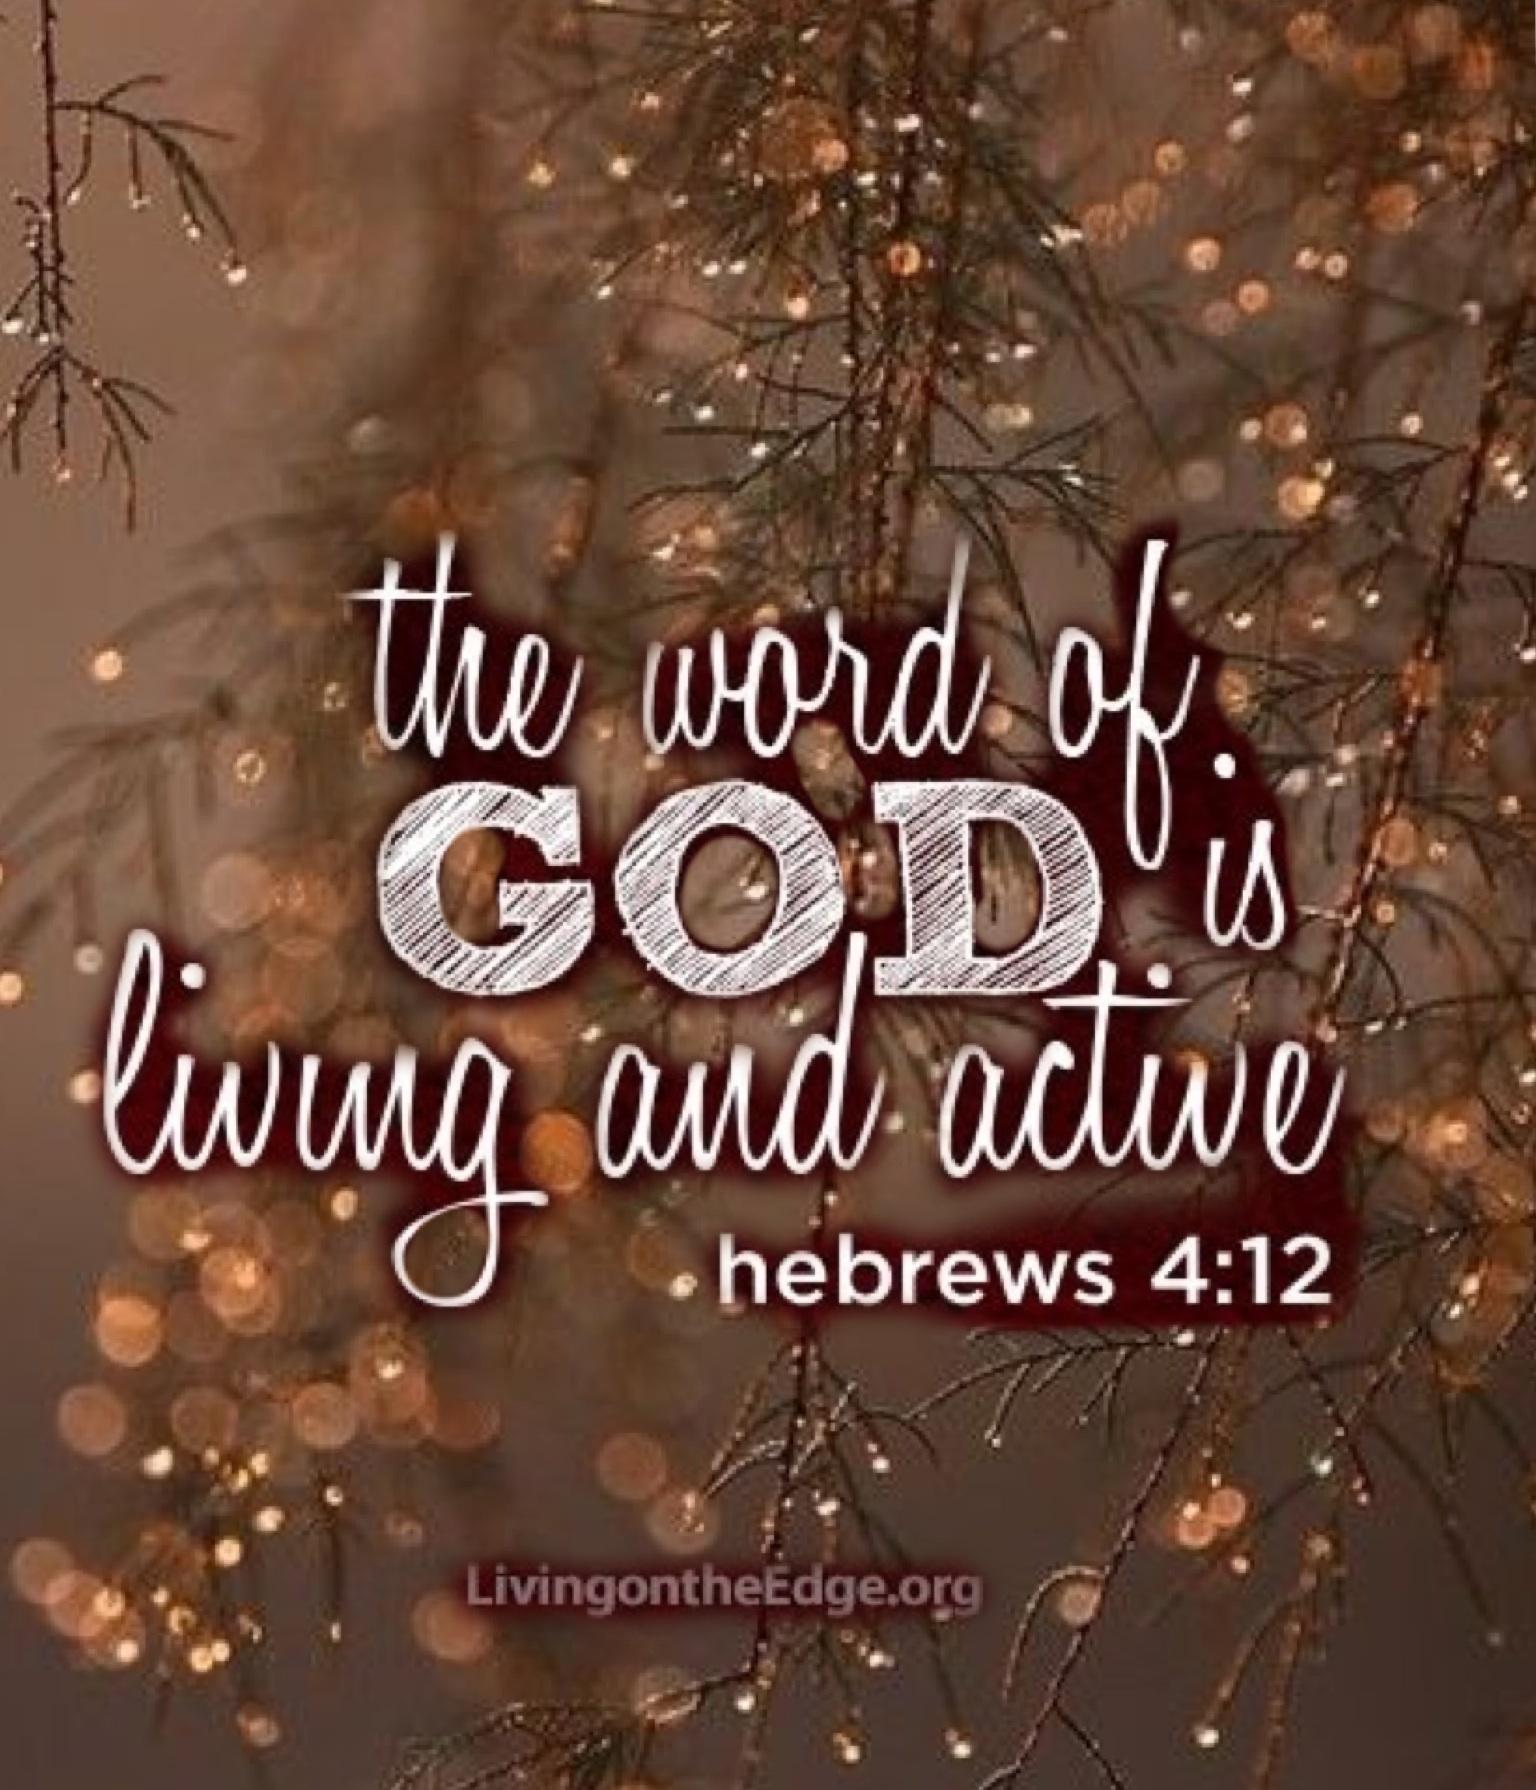 Hebrews 4:12 made with Bazaart